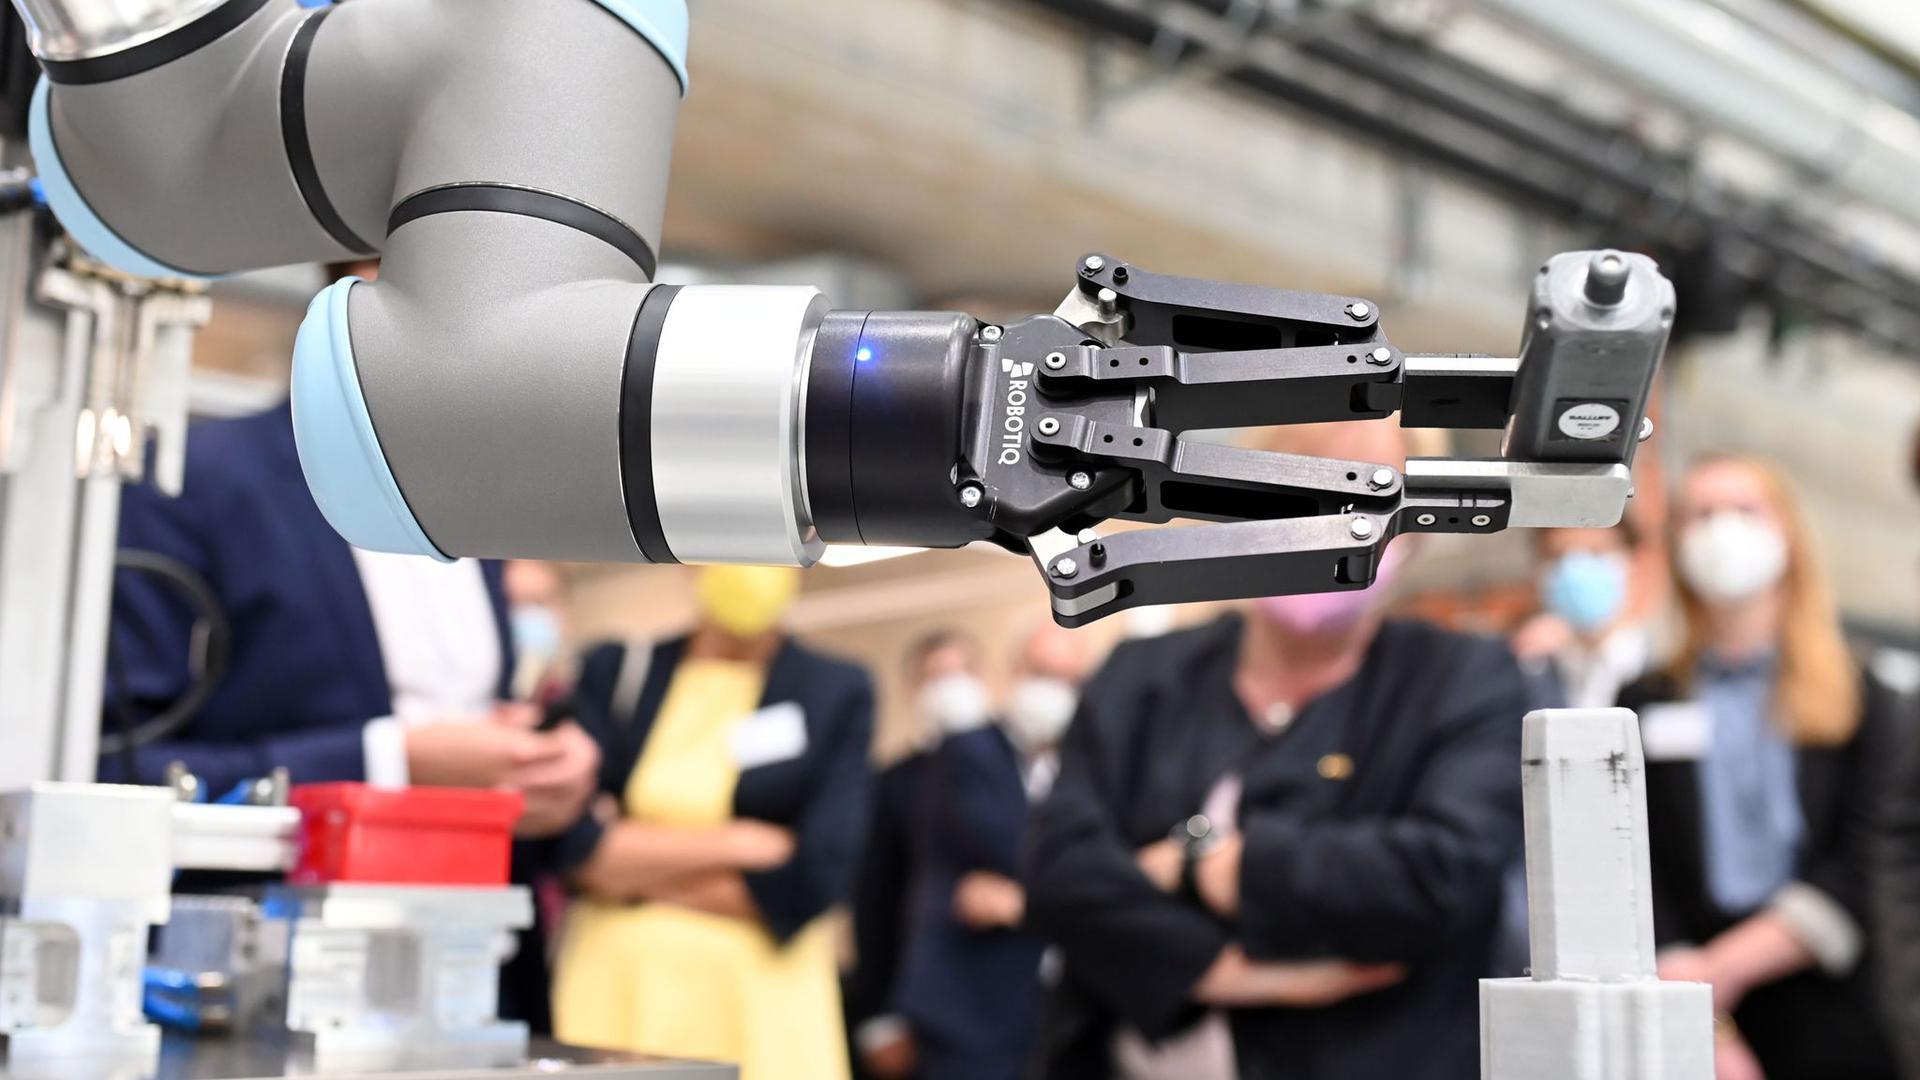 Am KIT wird eine automatisierte Station zur Demontage von Elektro-Motoren vorgeführt.